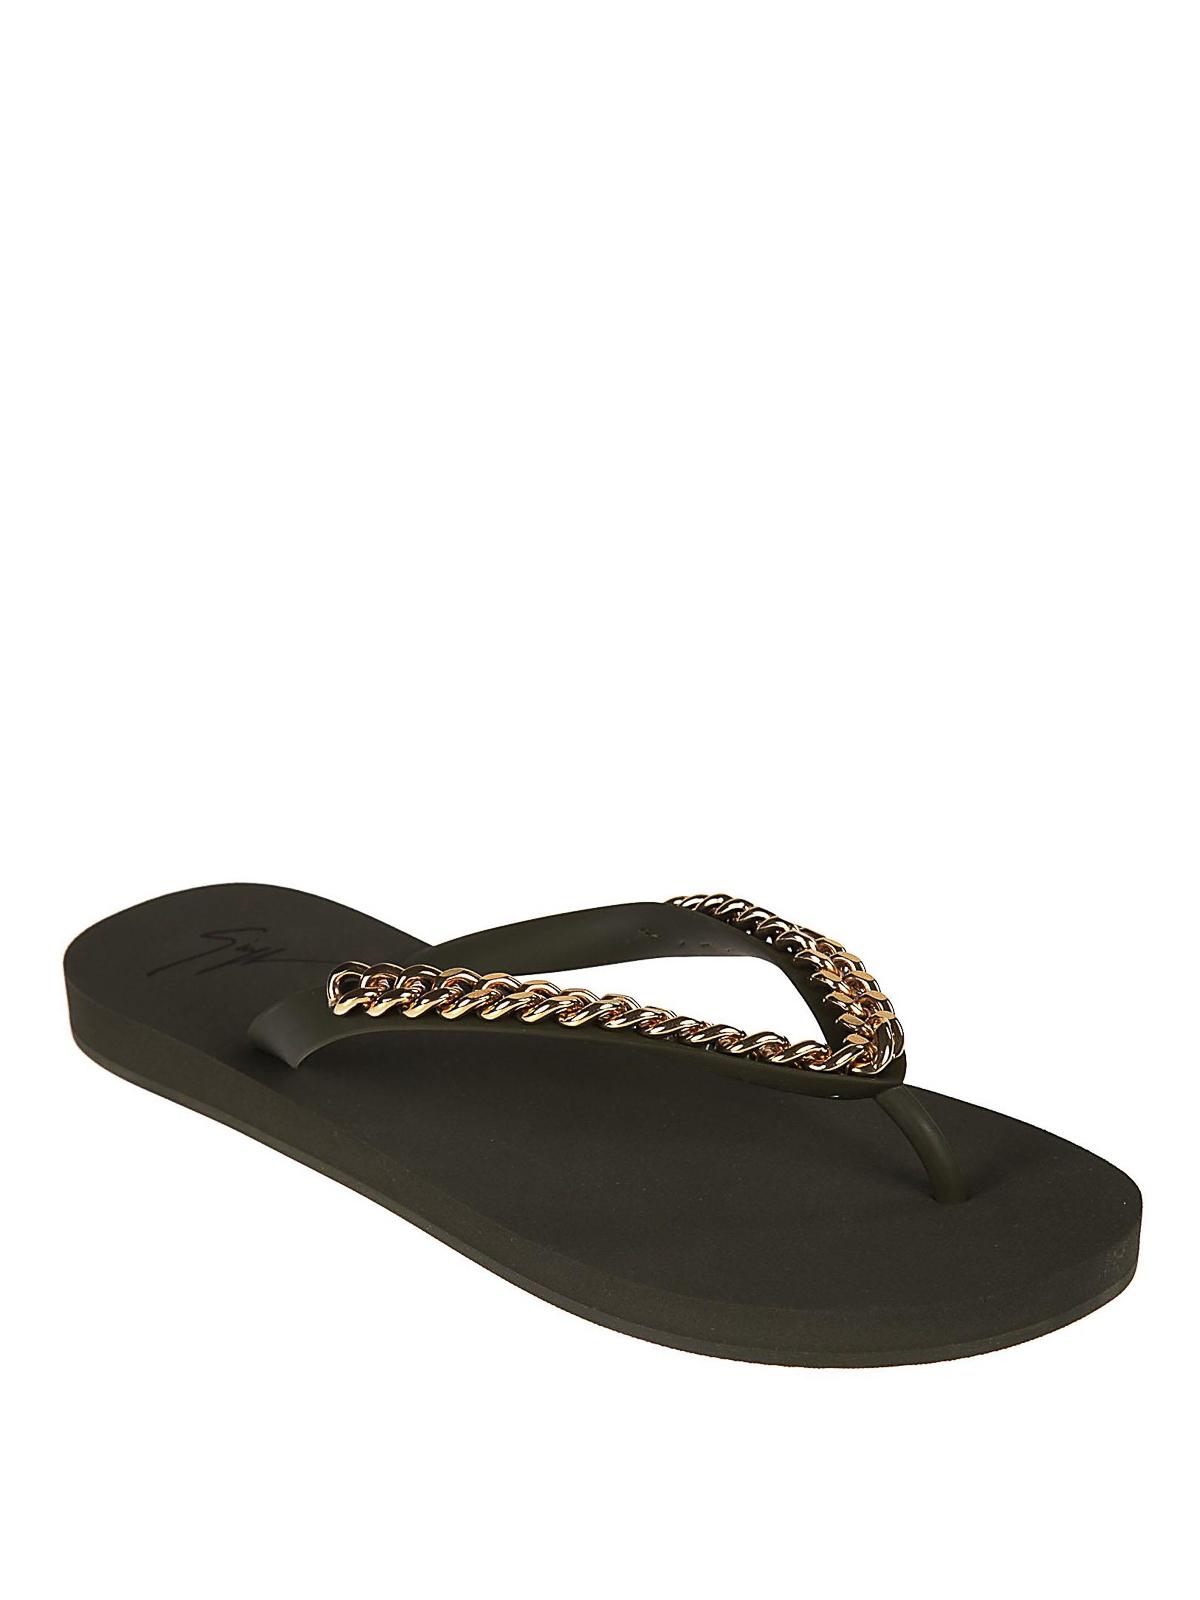 c553f574f909 GIUSEPPE ZANOTTI  flip flops online - Chain detailed rubber flip flops